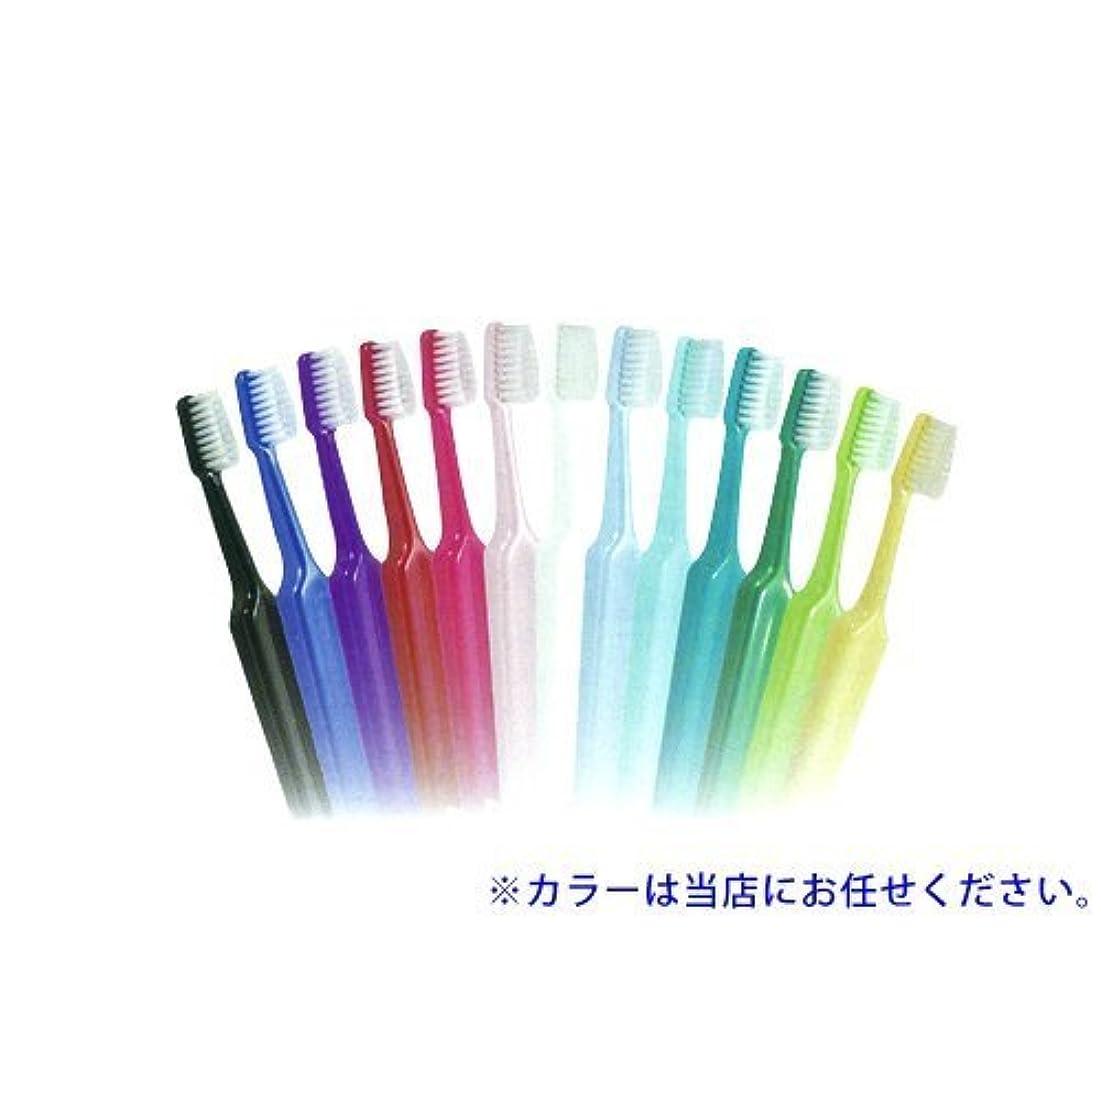 バージンバーベキュー所得Tepe歯ブラシ セレクトミニ/エクストラソフト 25本/箱